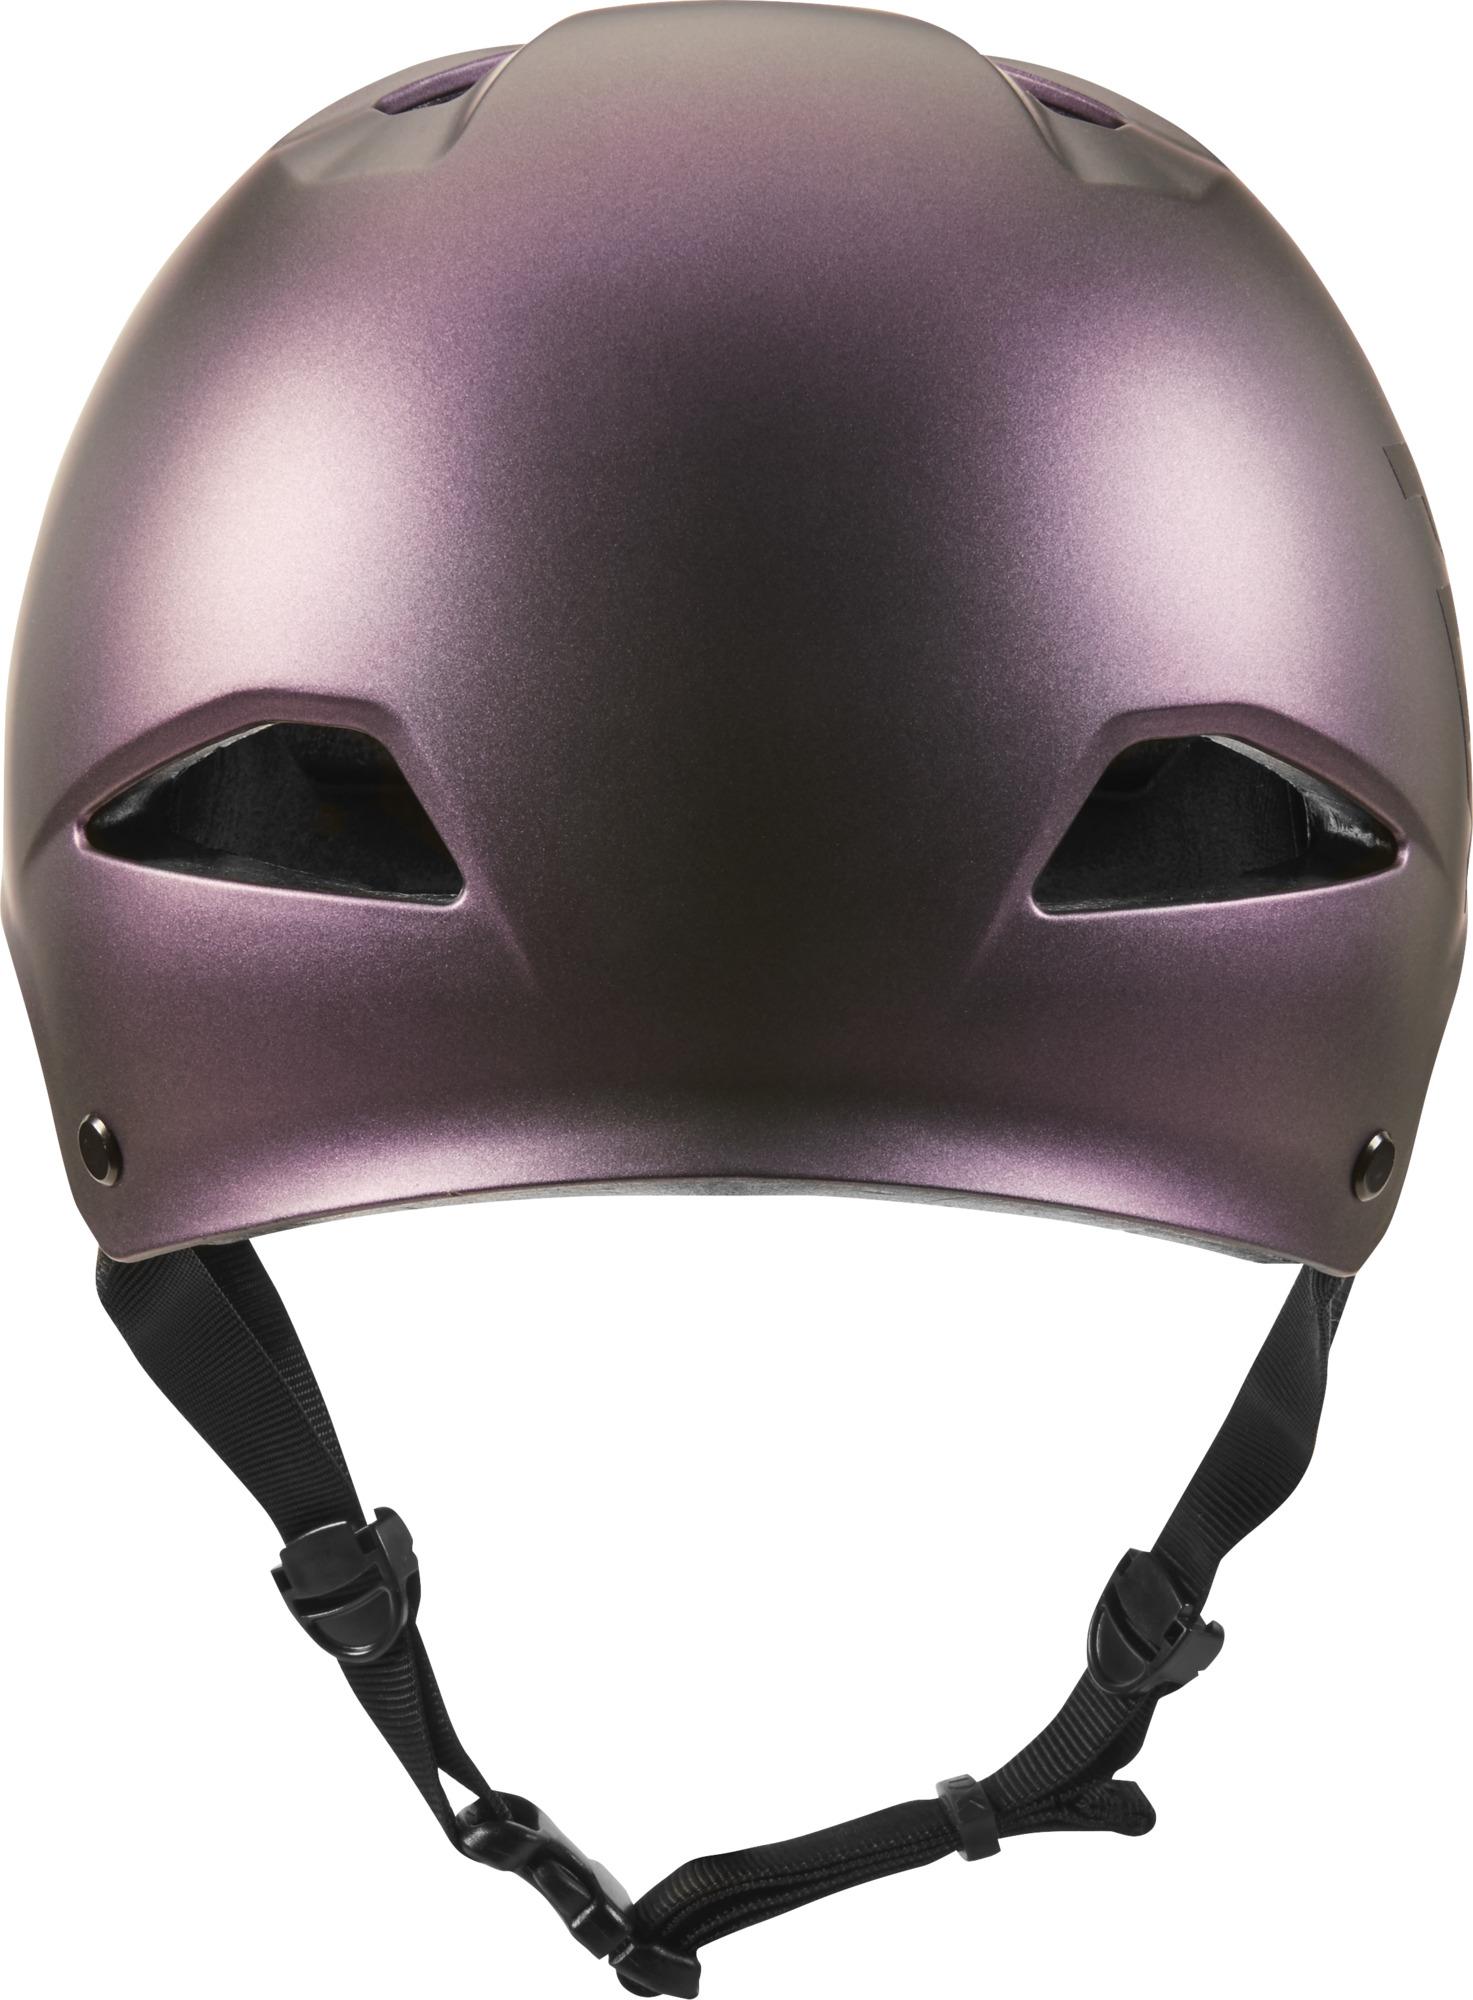 Fox-Head-Flight-Sport-Trail-Bike-Dirt-Jump-Adult-Protective-Helmet thumbnail 8